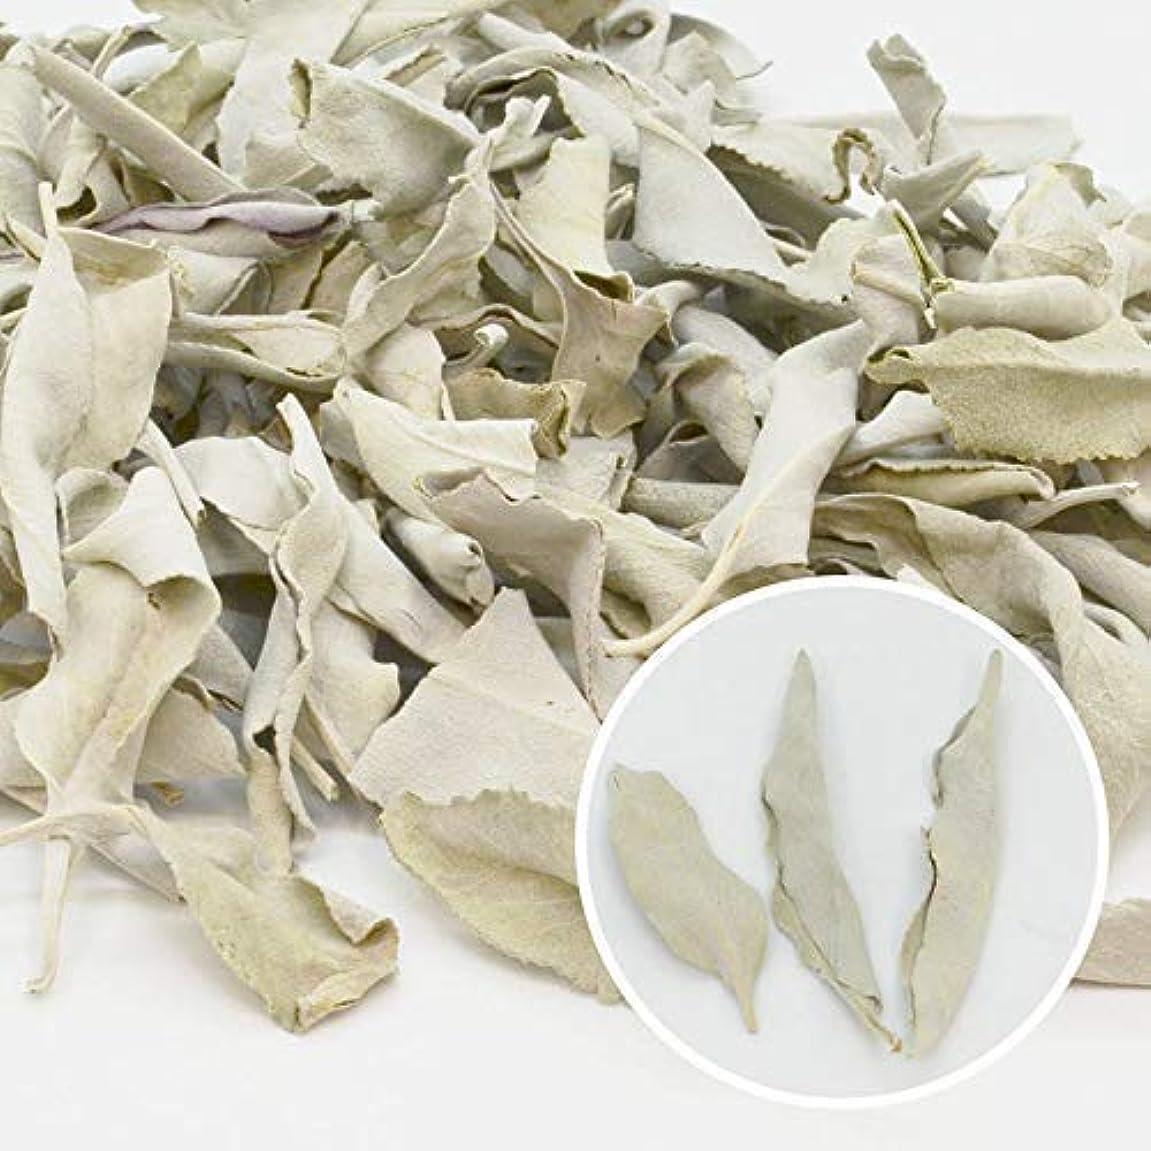 エピソード特異な絶縁する高品質 無農薬 ホワイトセージ 枝無し(リーフ) 約10g カリフォルニア産 浄化用 お香に